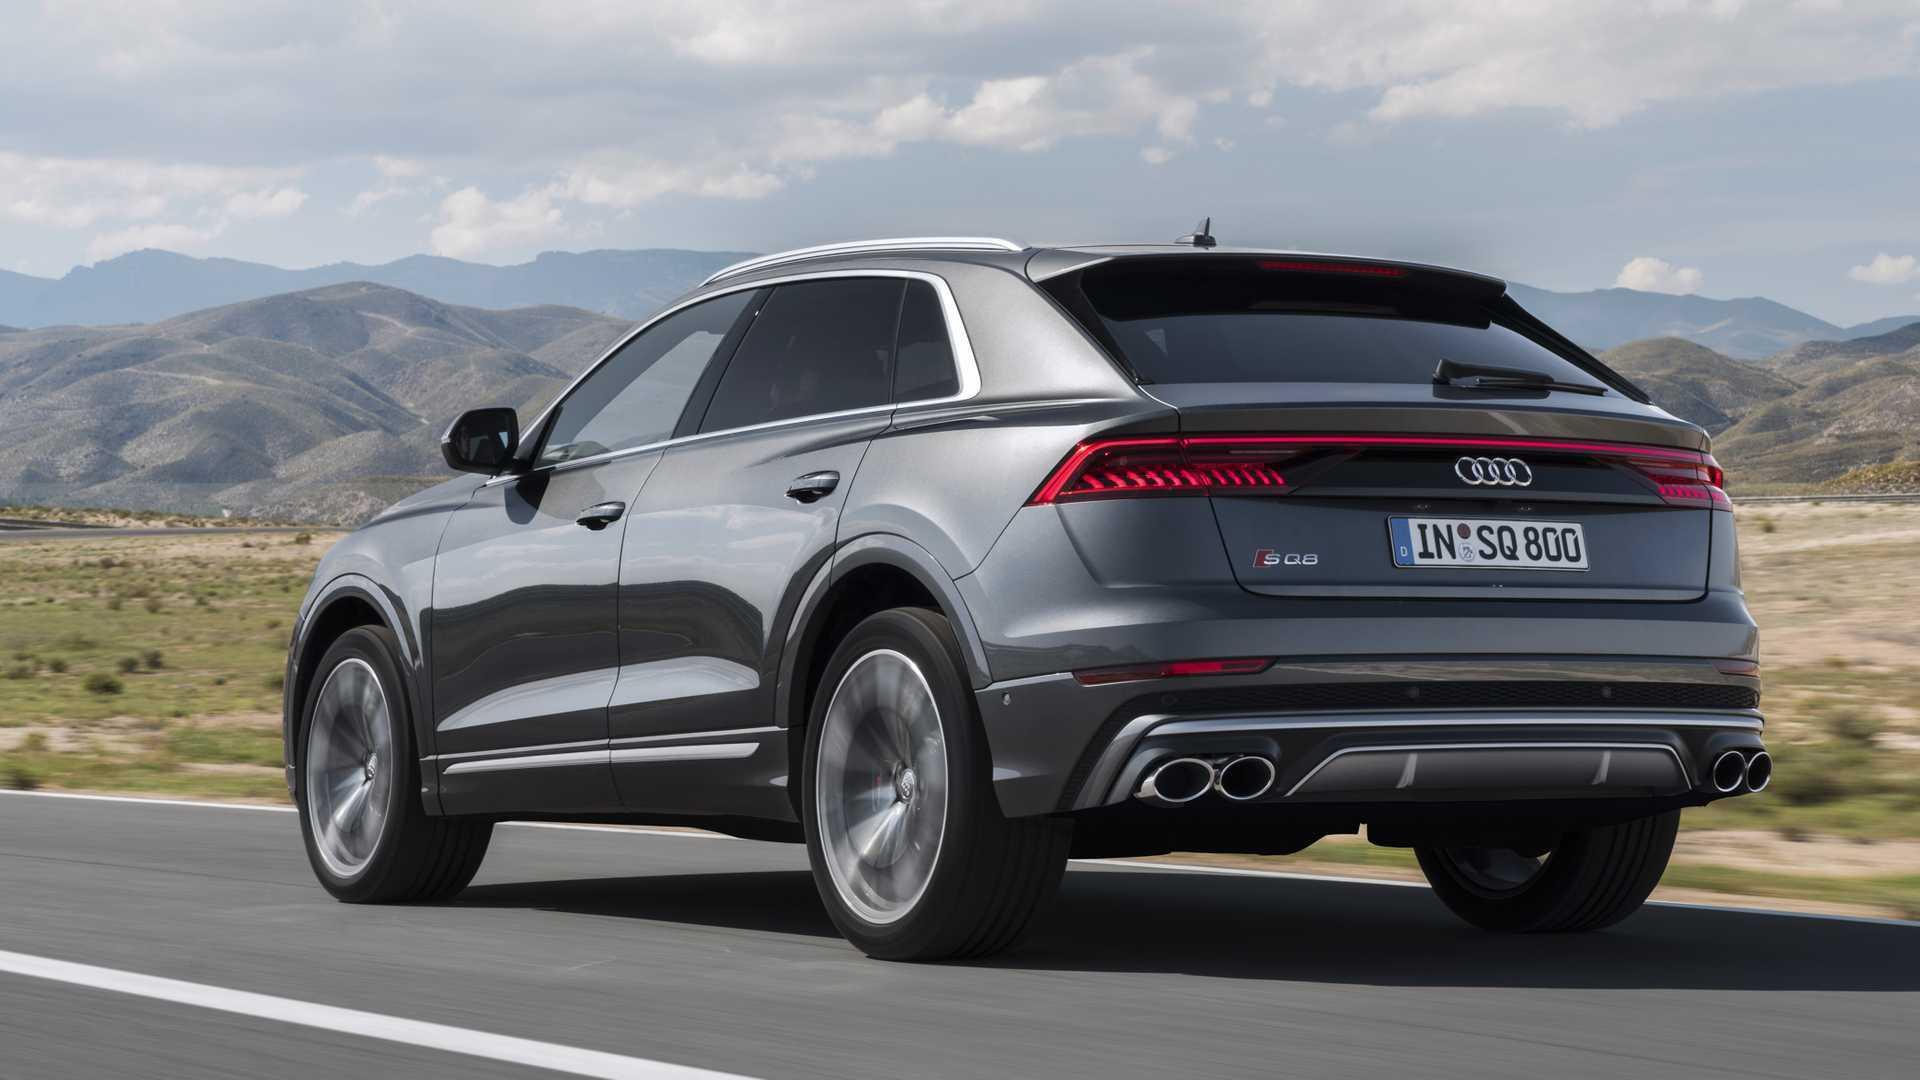 Audi Sq8 Tdi 2020 18